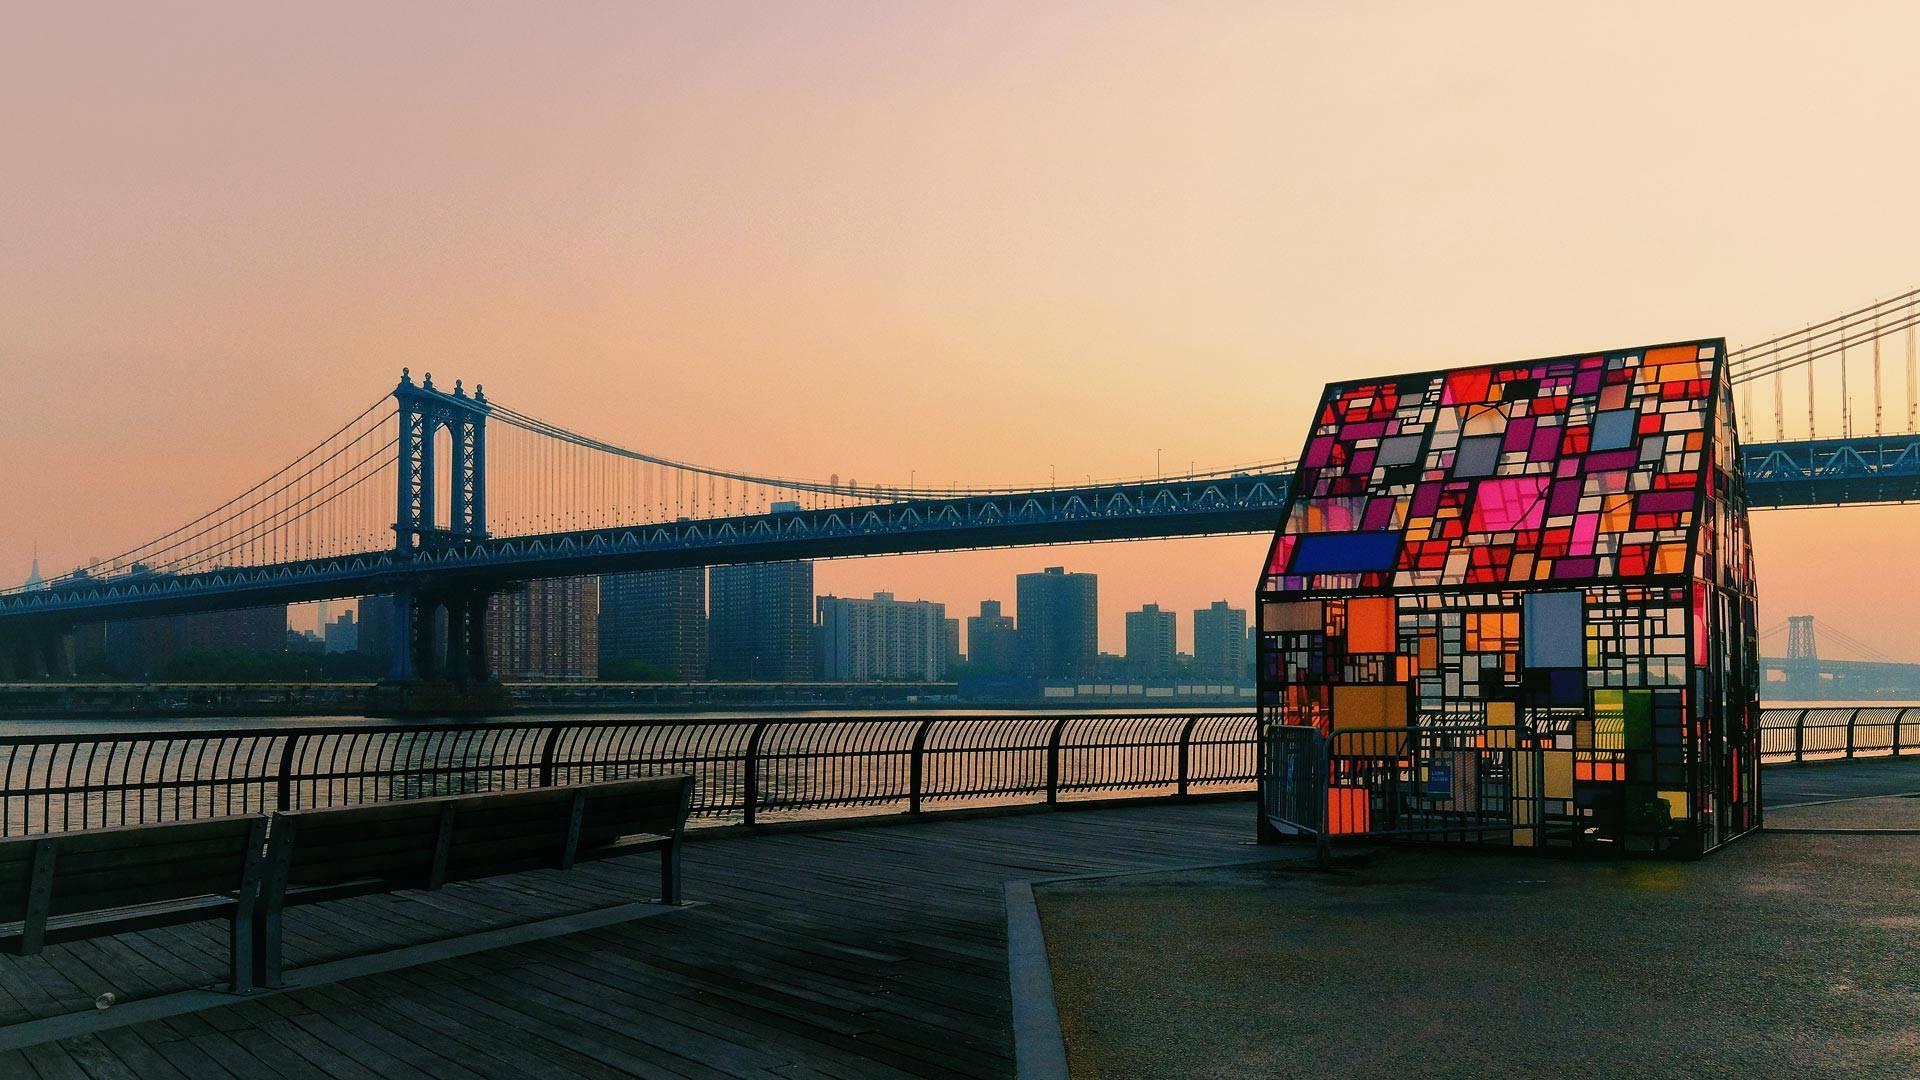 布鲁克林大桥公园展出的汤姆·弗鲁因的'Kolonihavehus, 2010作品